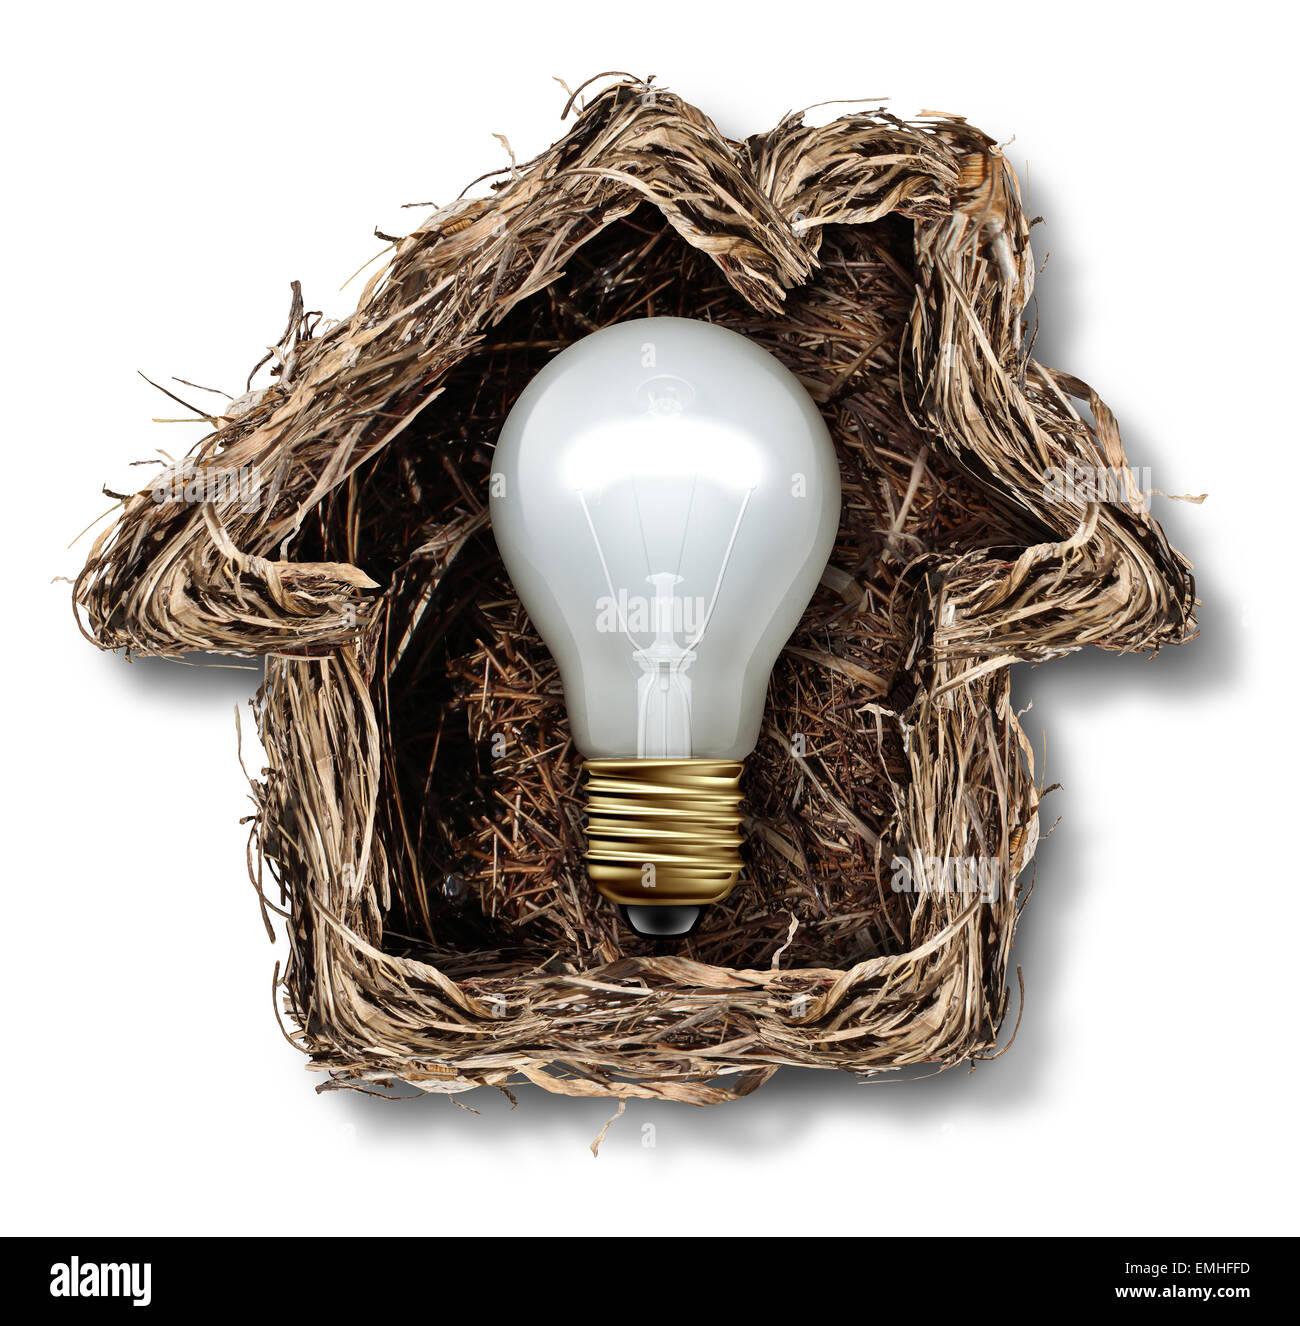 Wohnideen und Haus-Lösung-Symbol als ein Vogelnest als Familienresidenz als Metapher für Immobilien denken Stockbild